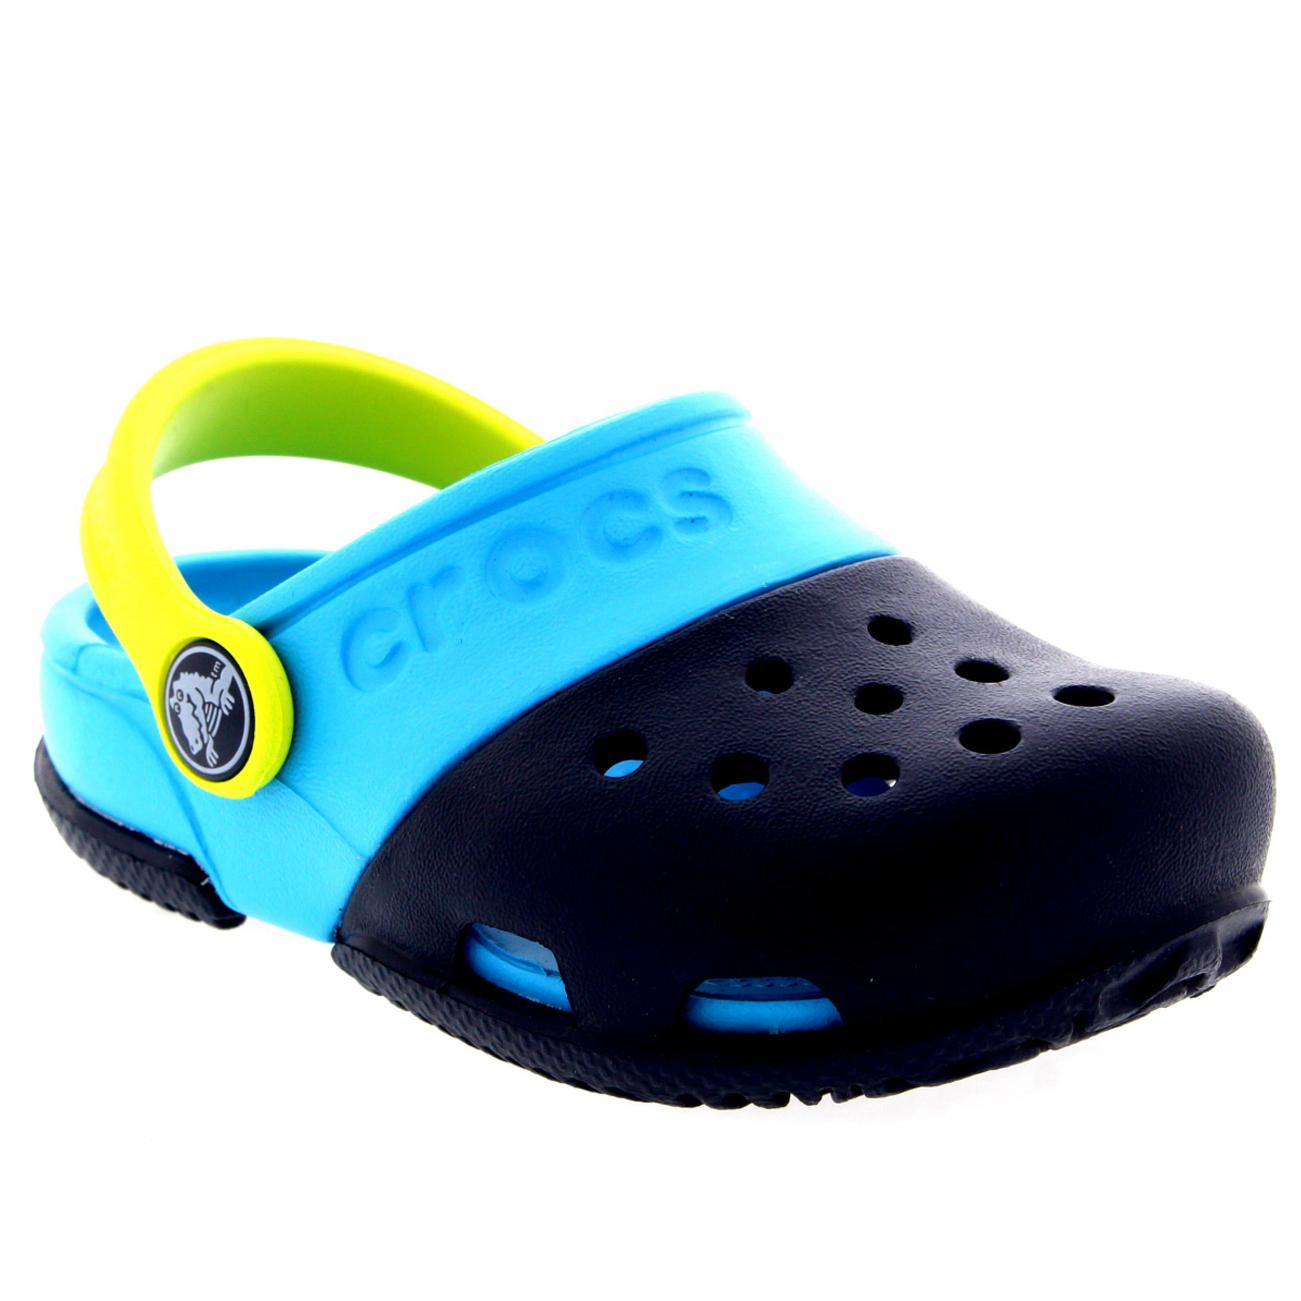 Unisex Kids Crocs Electro II